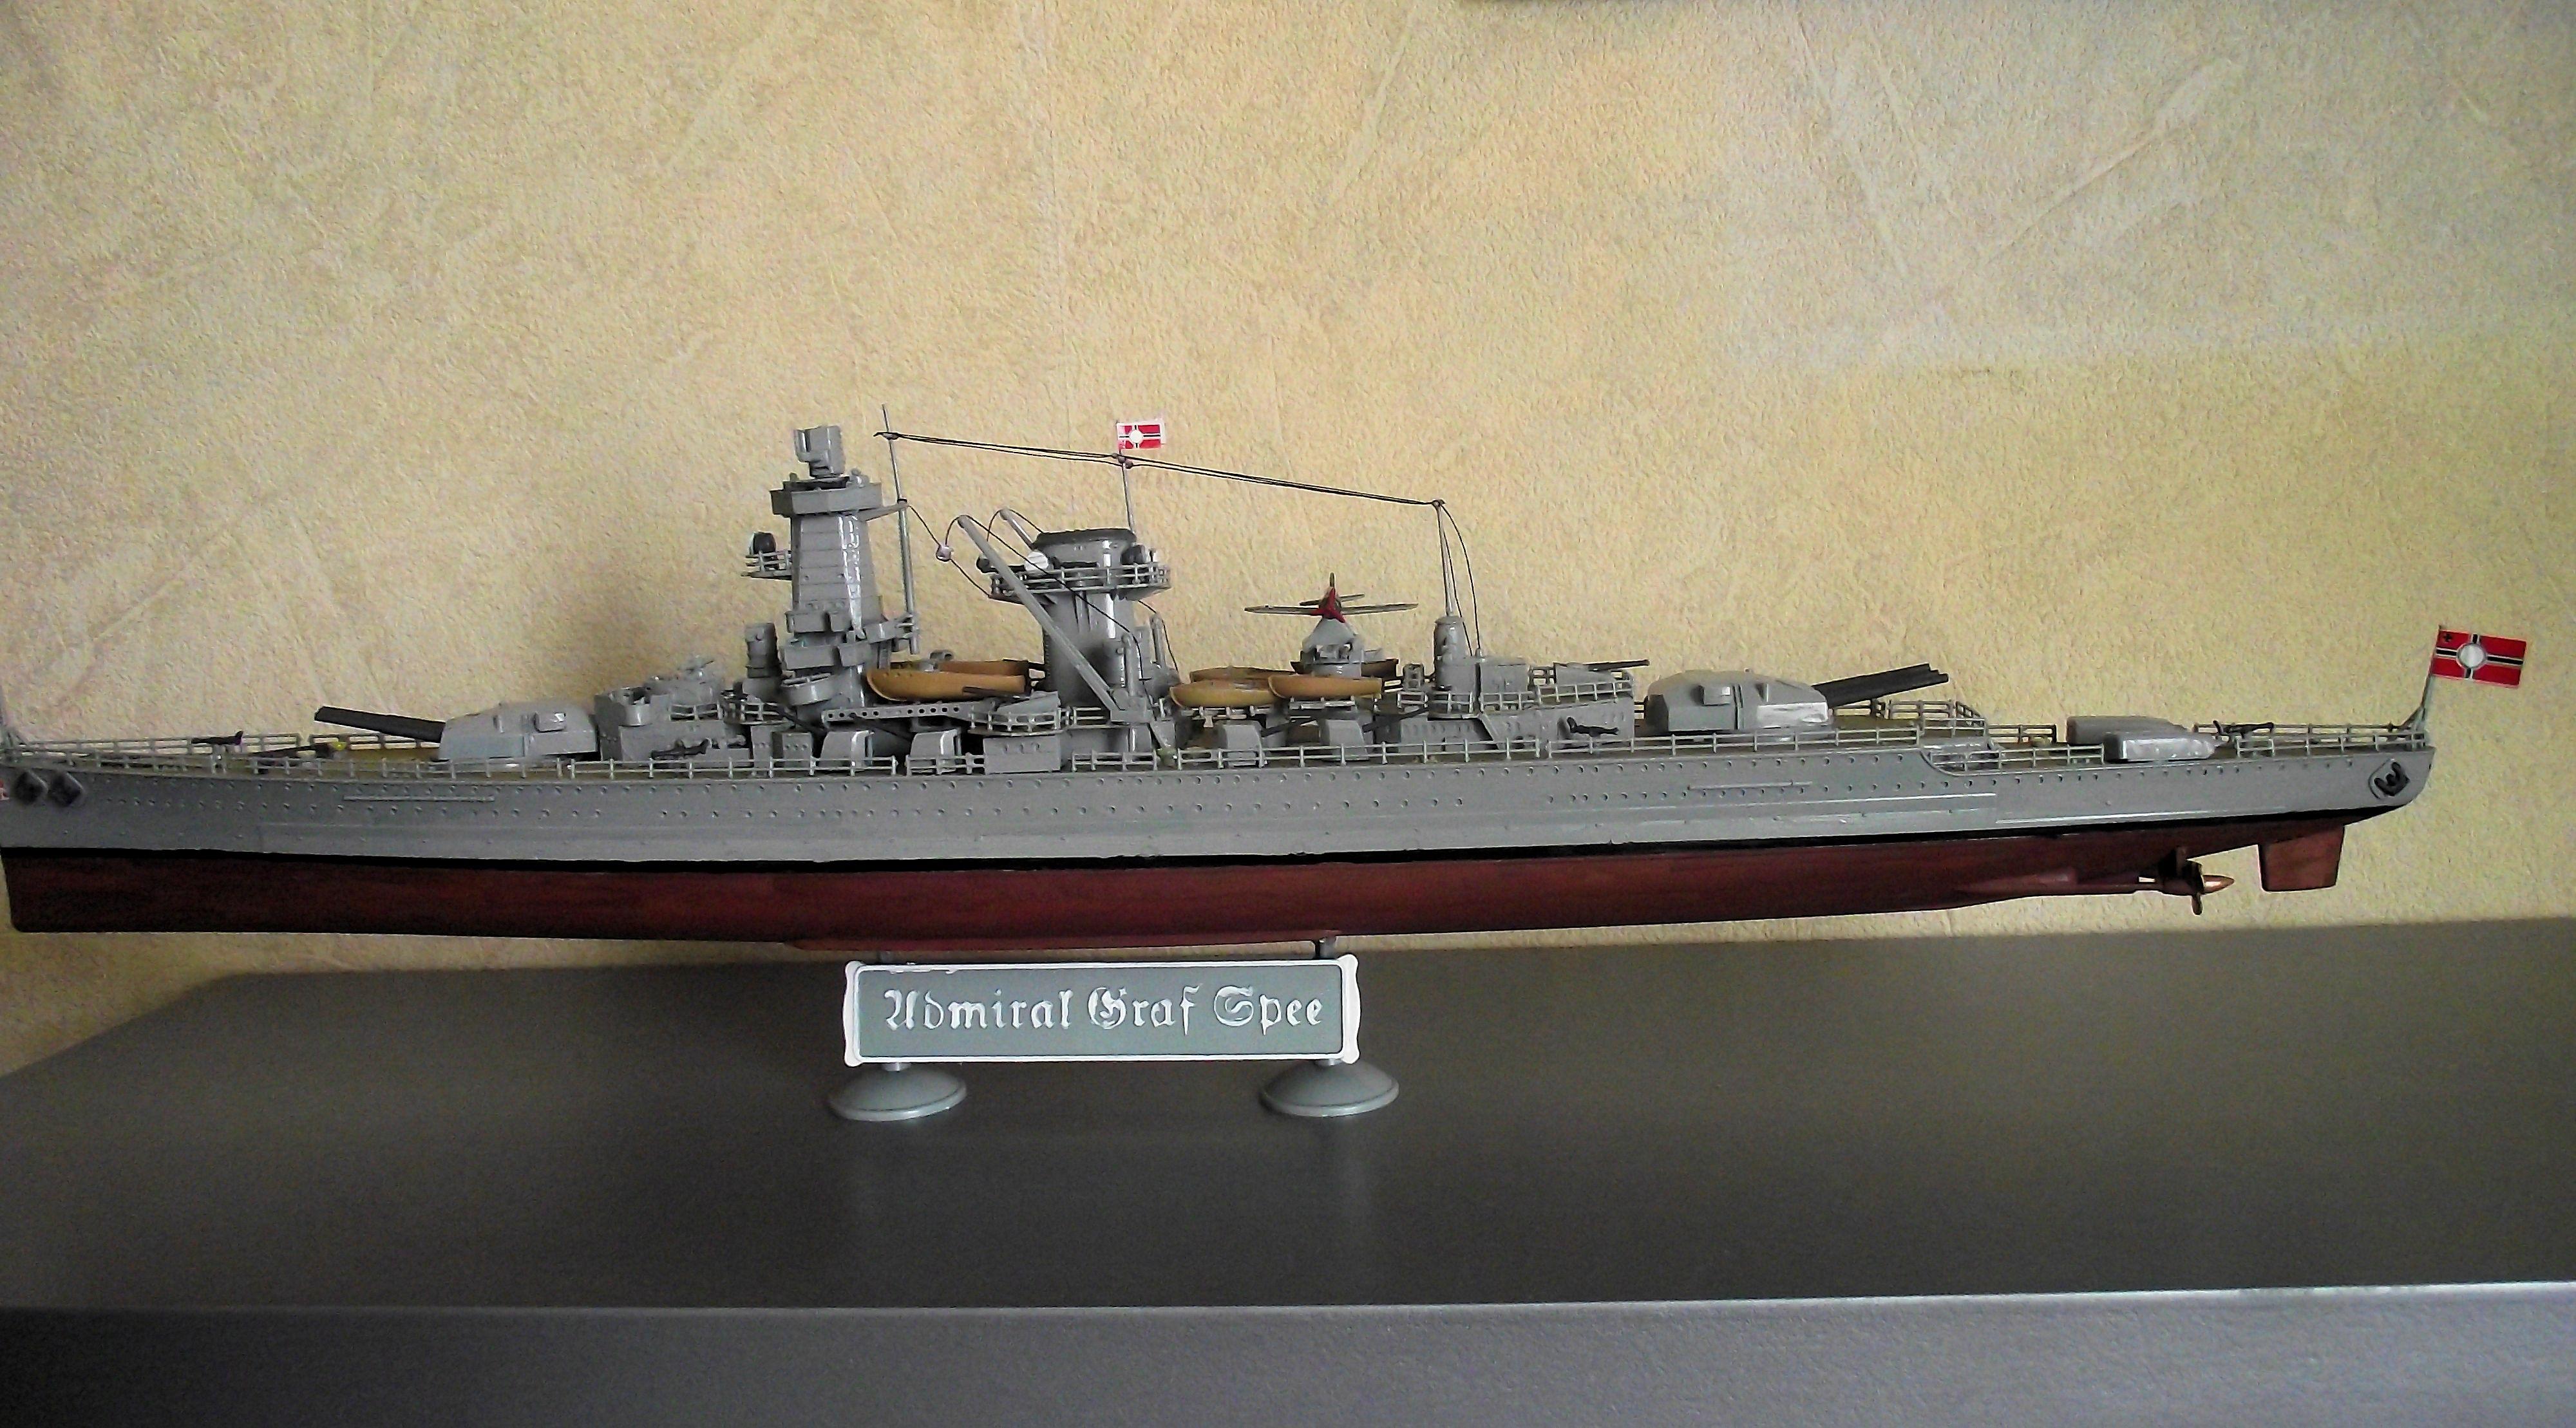 Bismarck au 1/350 Tamiya  587578MaquetteGrafSpee1x3509